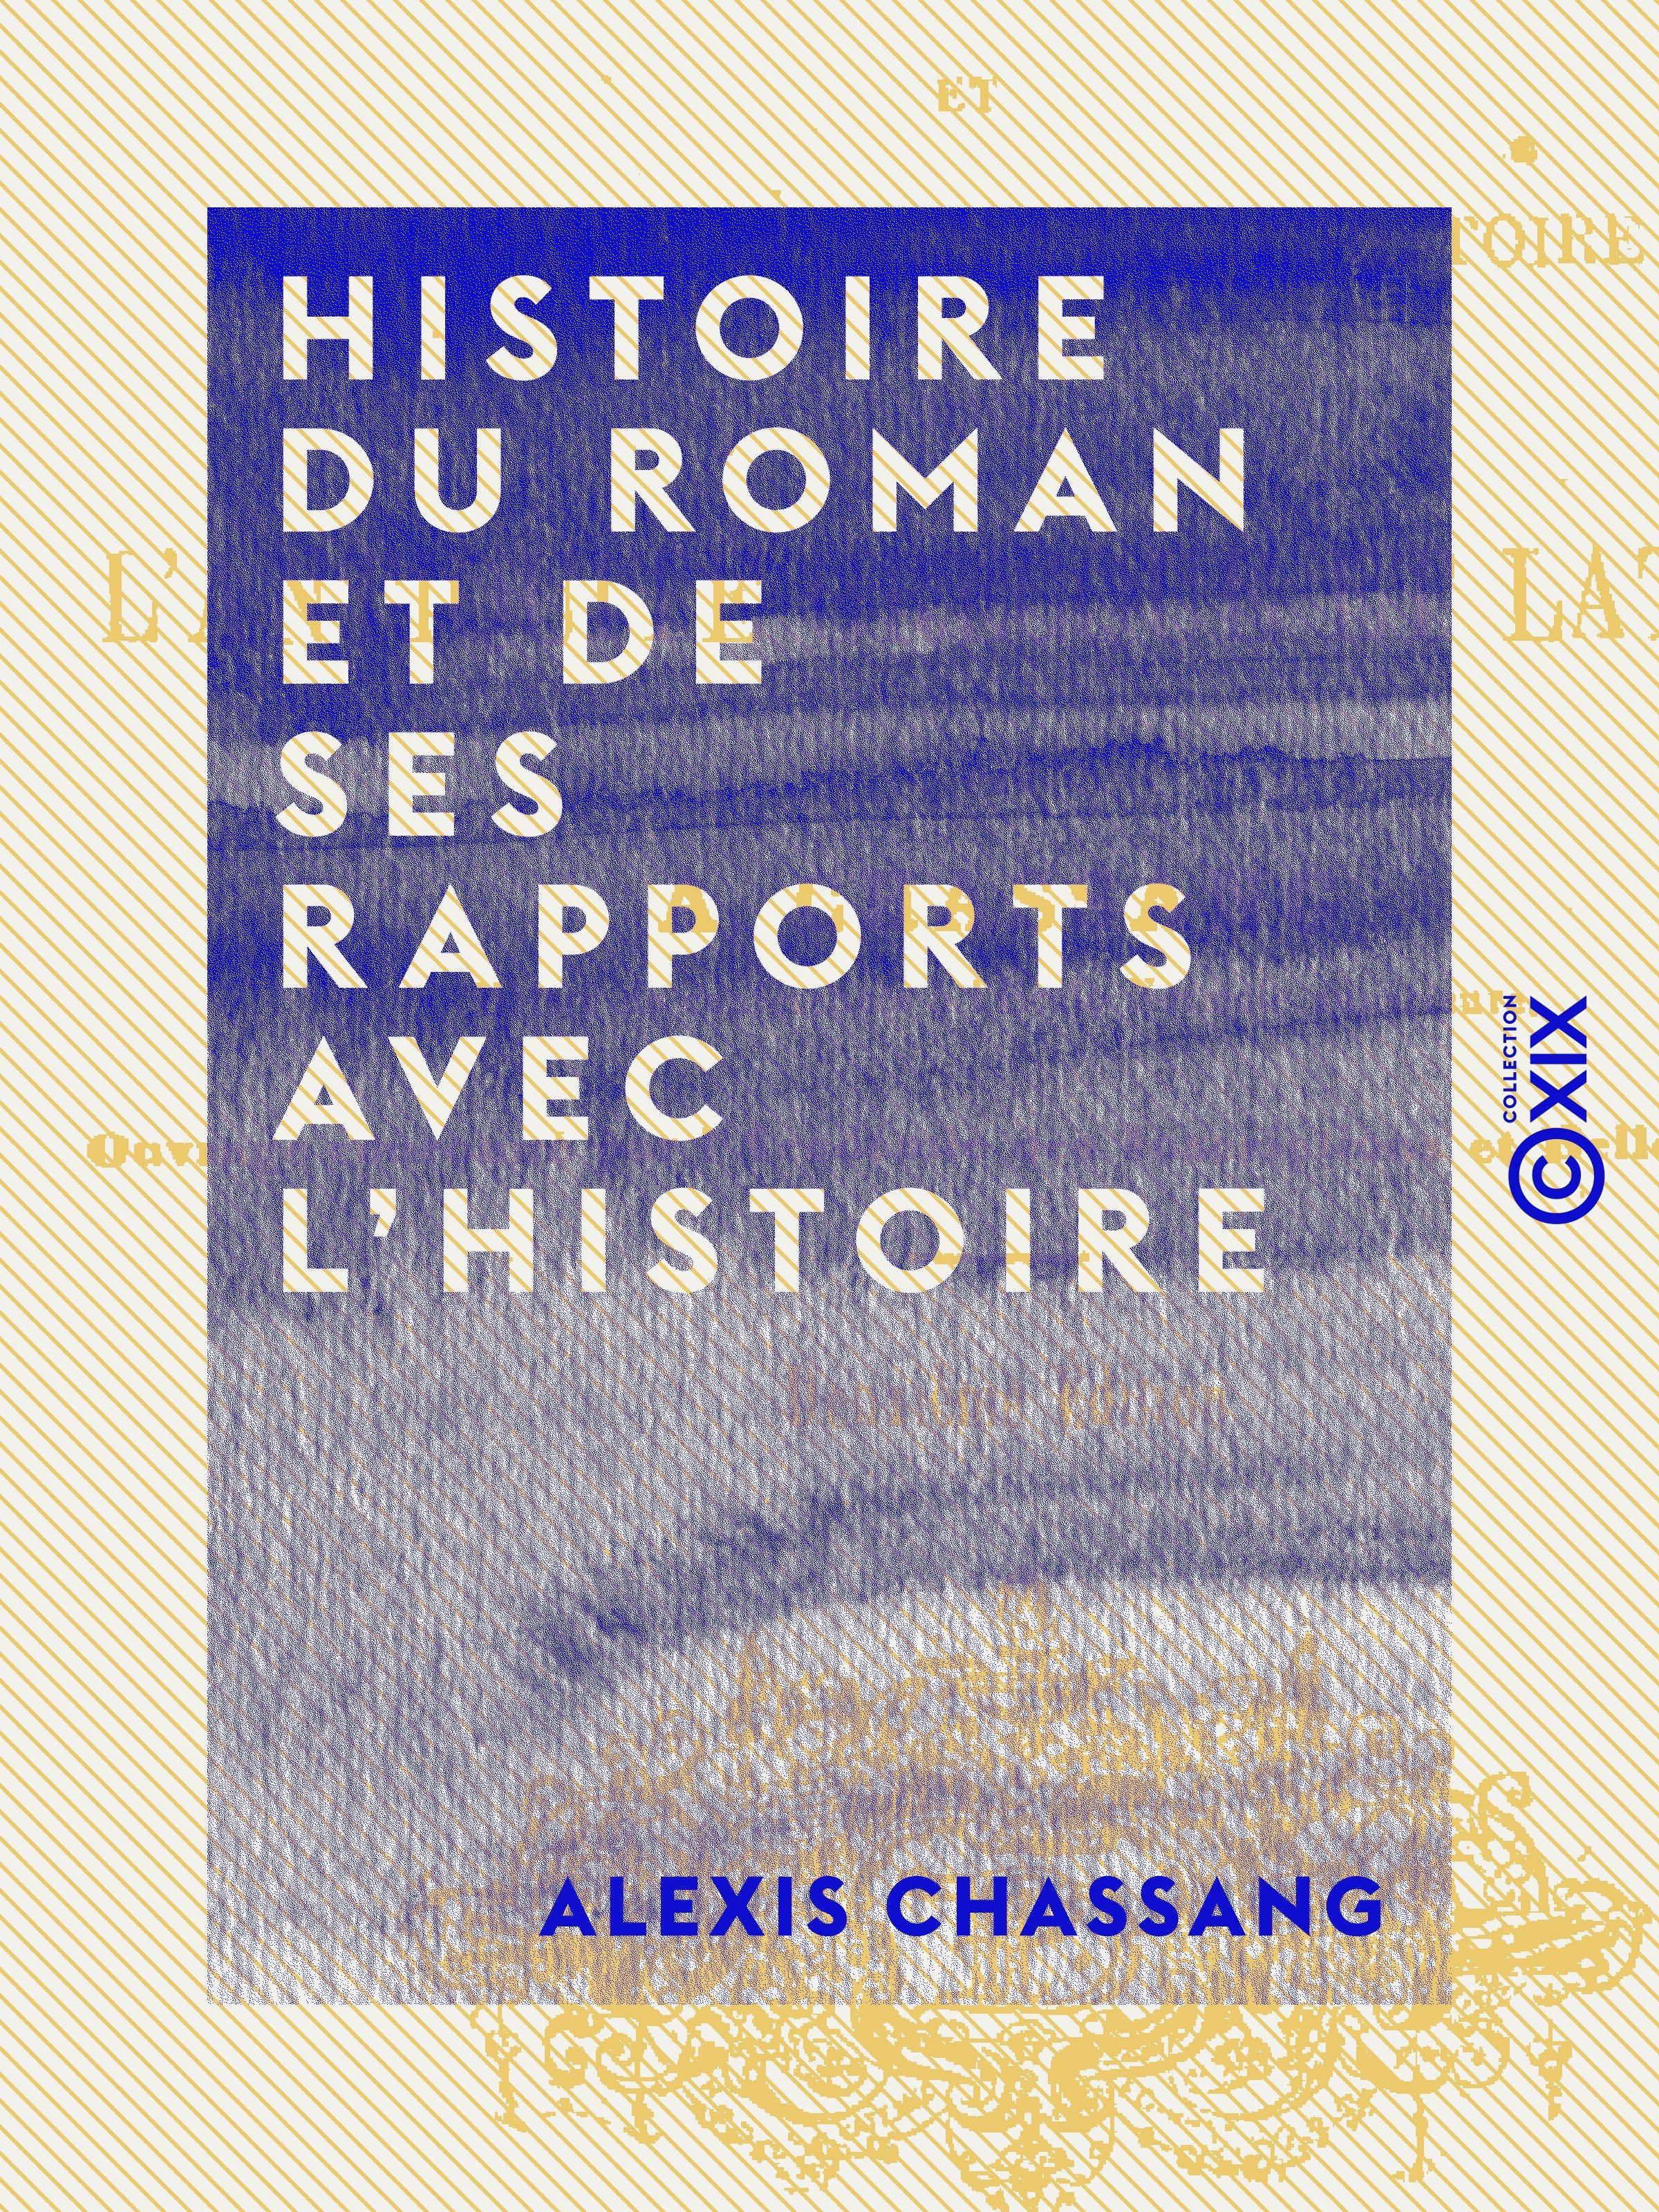 Histoire du roman et de ses rapports avec l'histoire  - Alexis Chassang